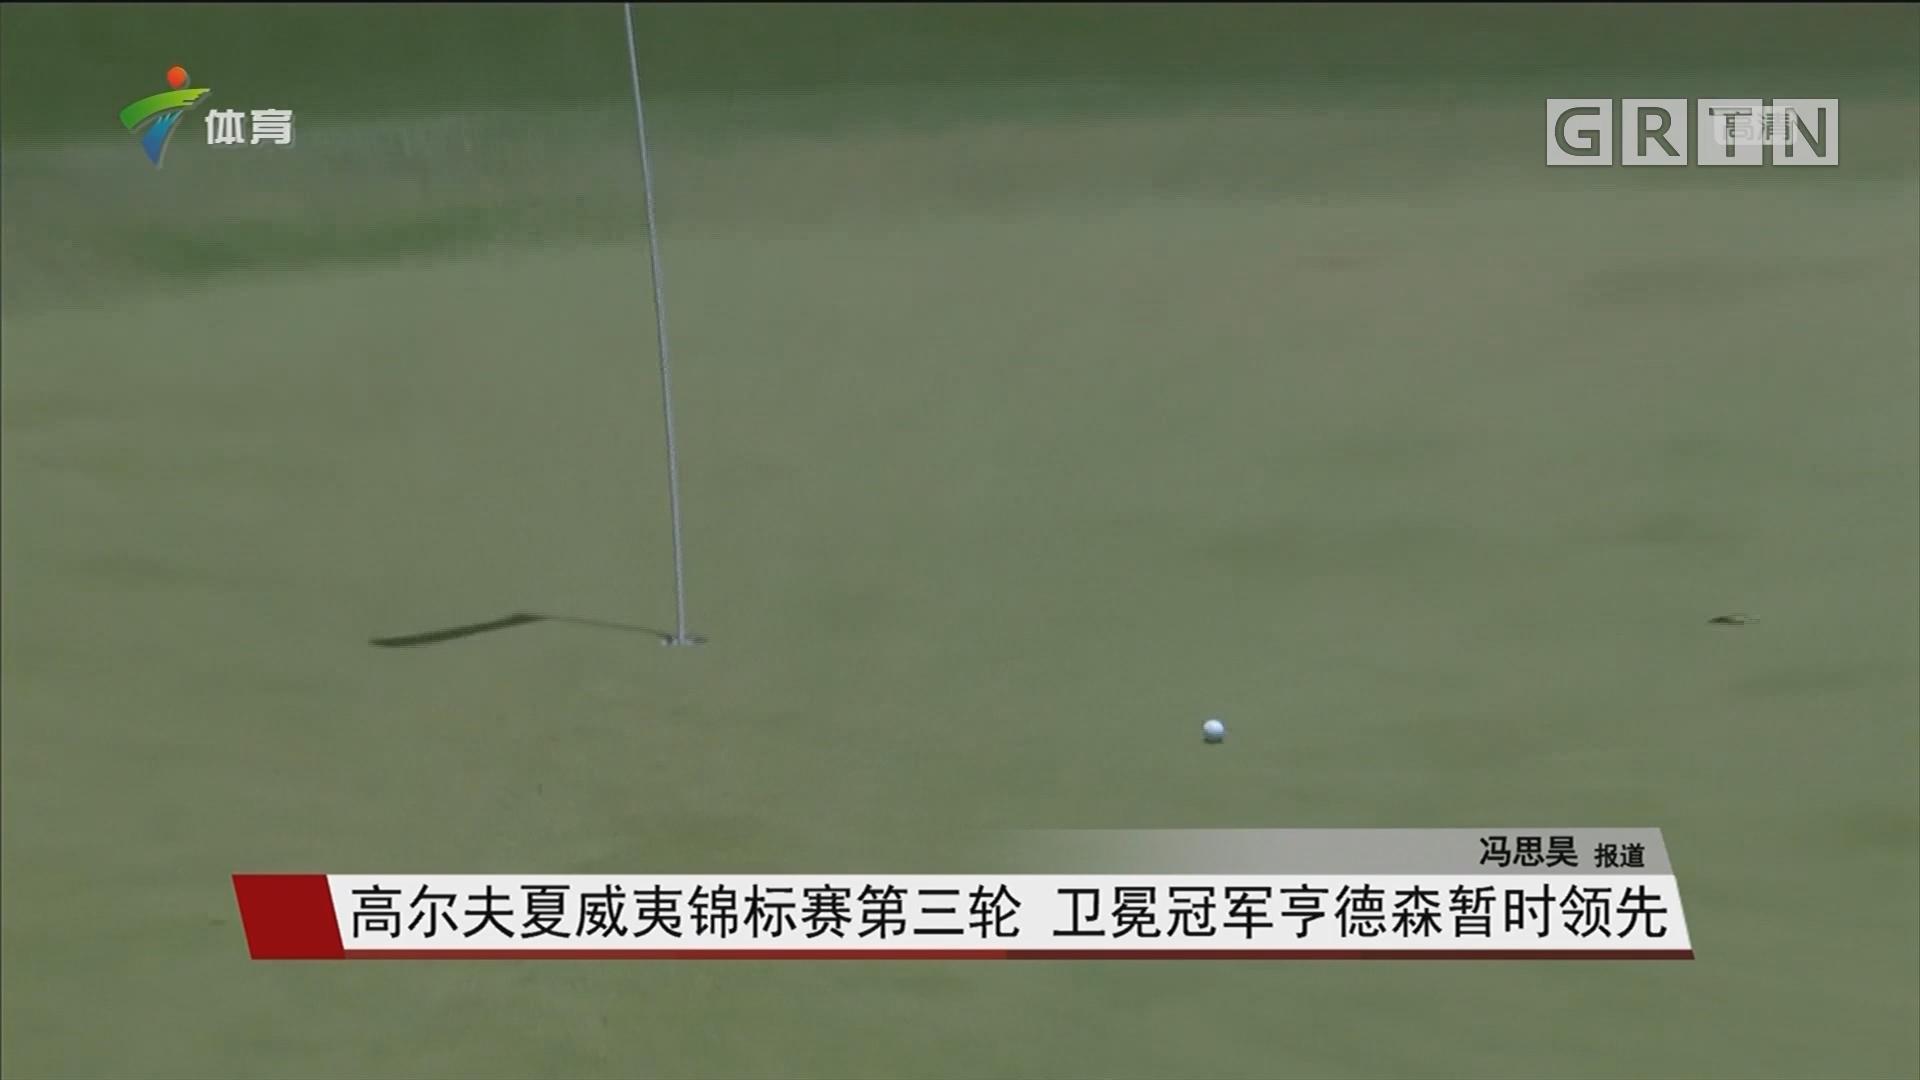 高尔夫夏威夷锦标赛第三轮 卫冕冠军亨德森暂时领先